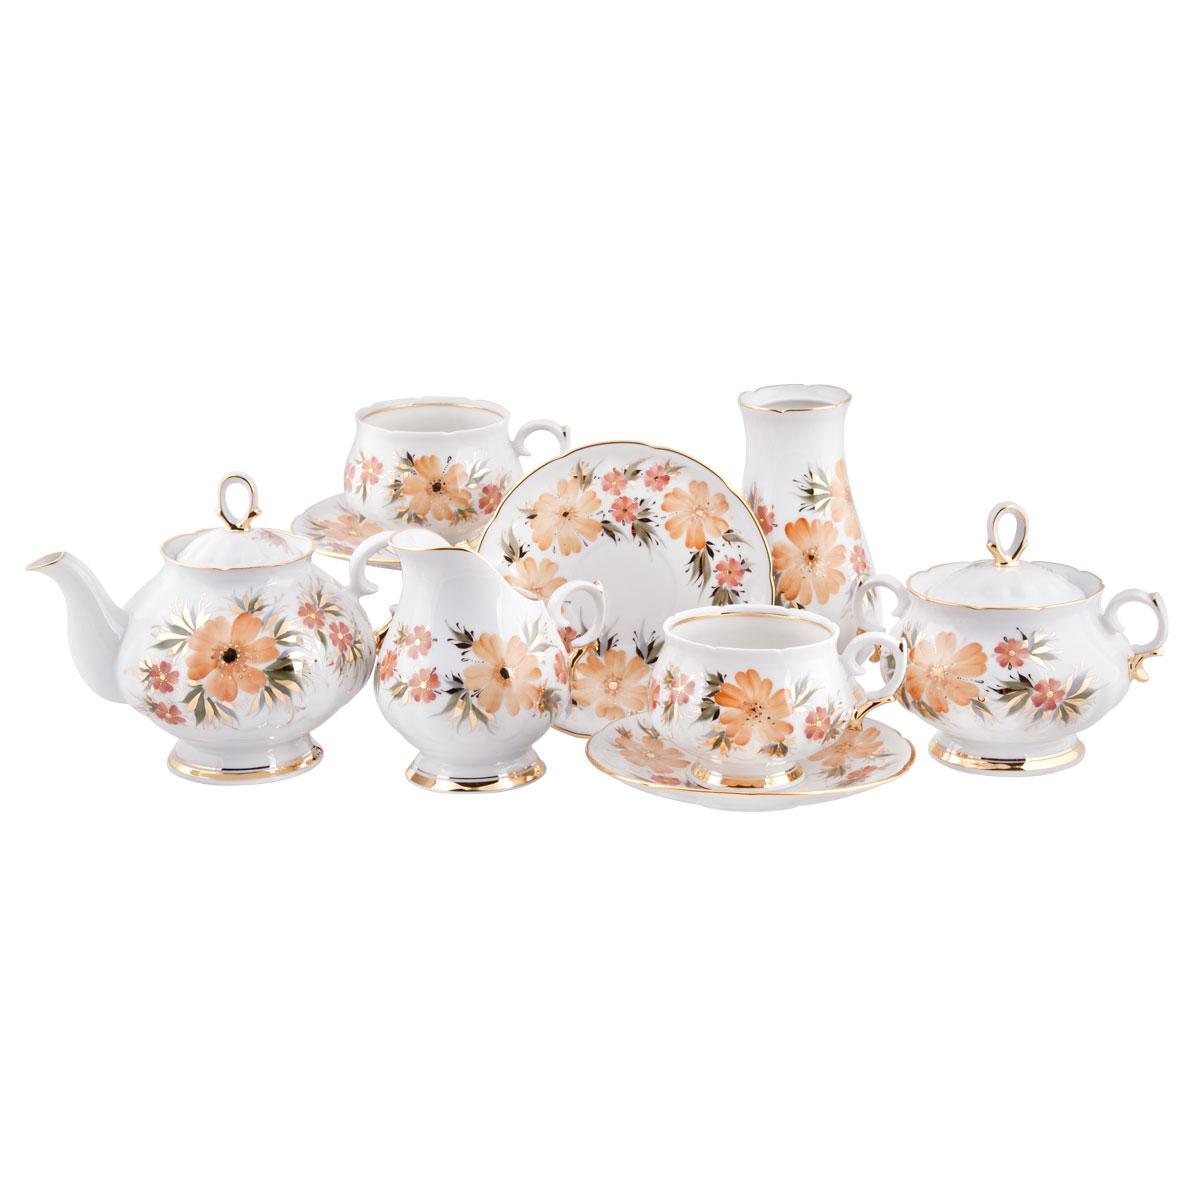 Сервиз чайный Башфарфор Рассвет, 16 предметов alex игровой набор посуды чайный сервиз весна 16 предметов